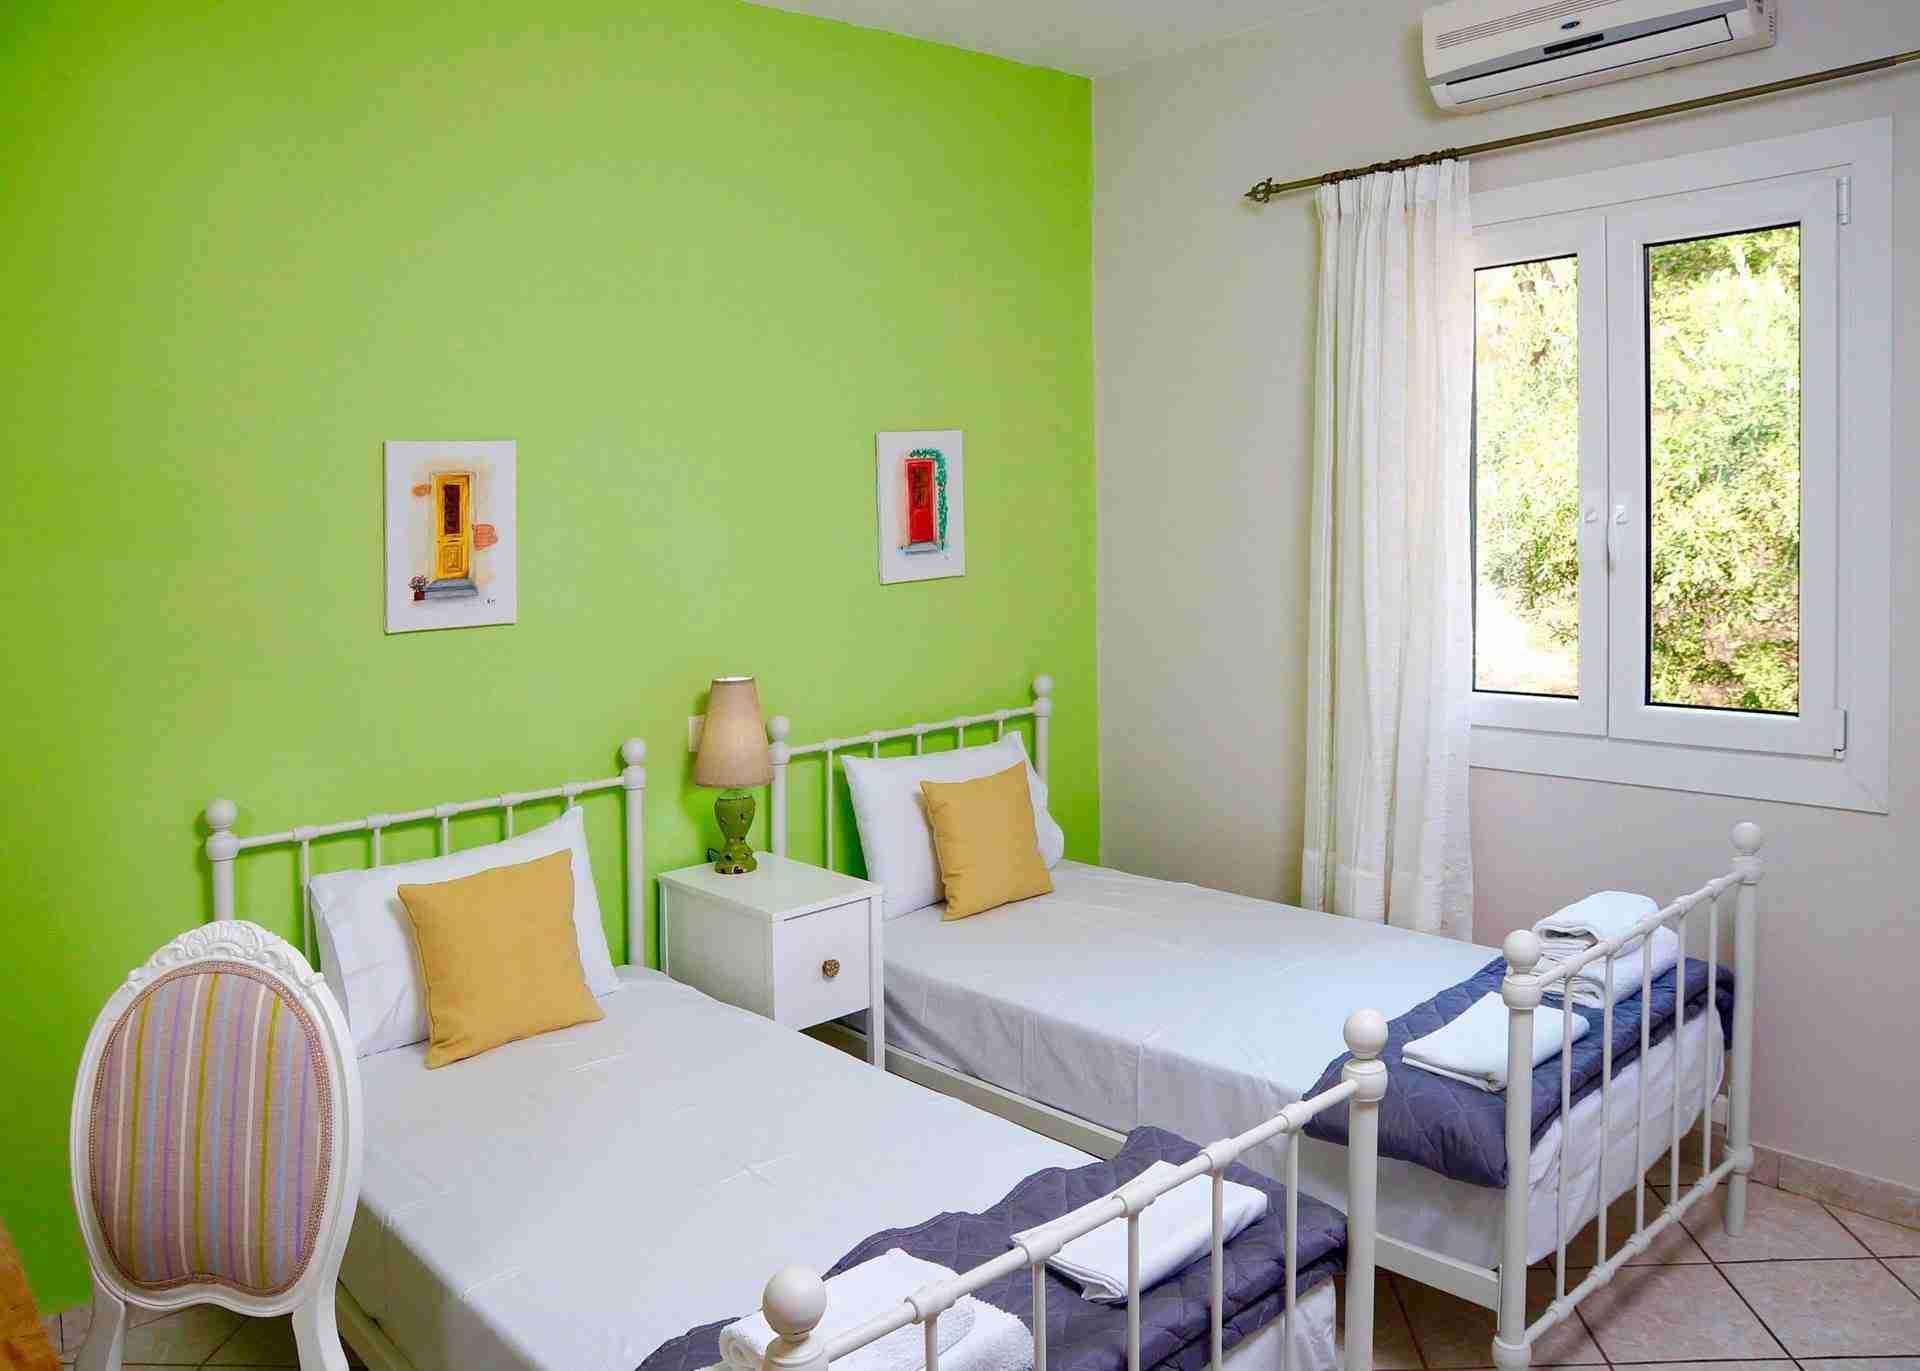 15 Hera Green Bedroom